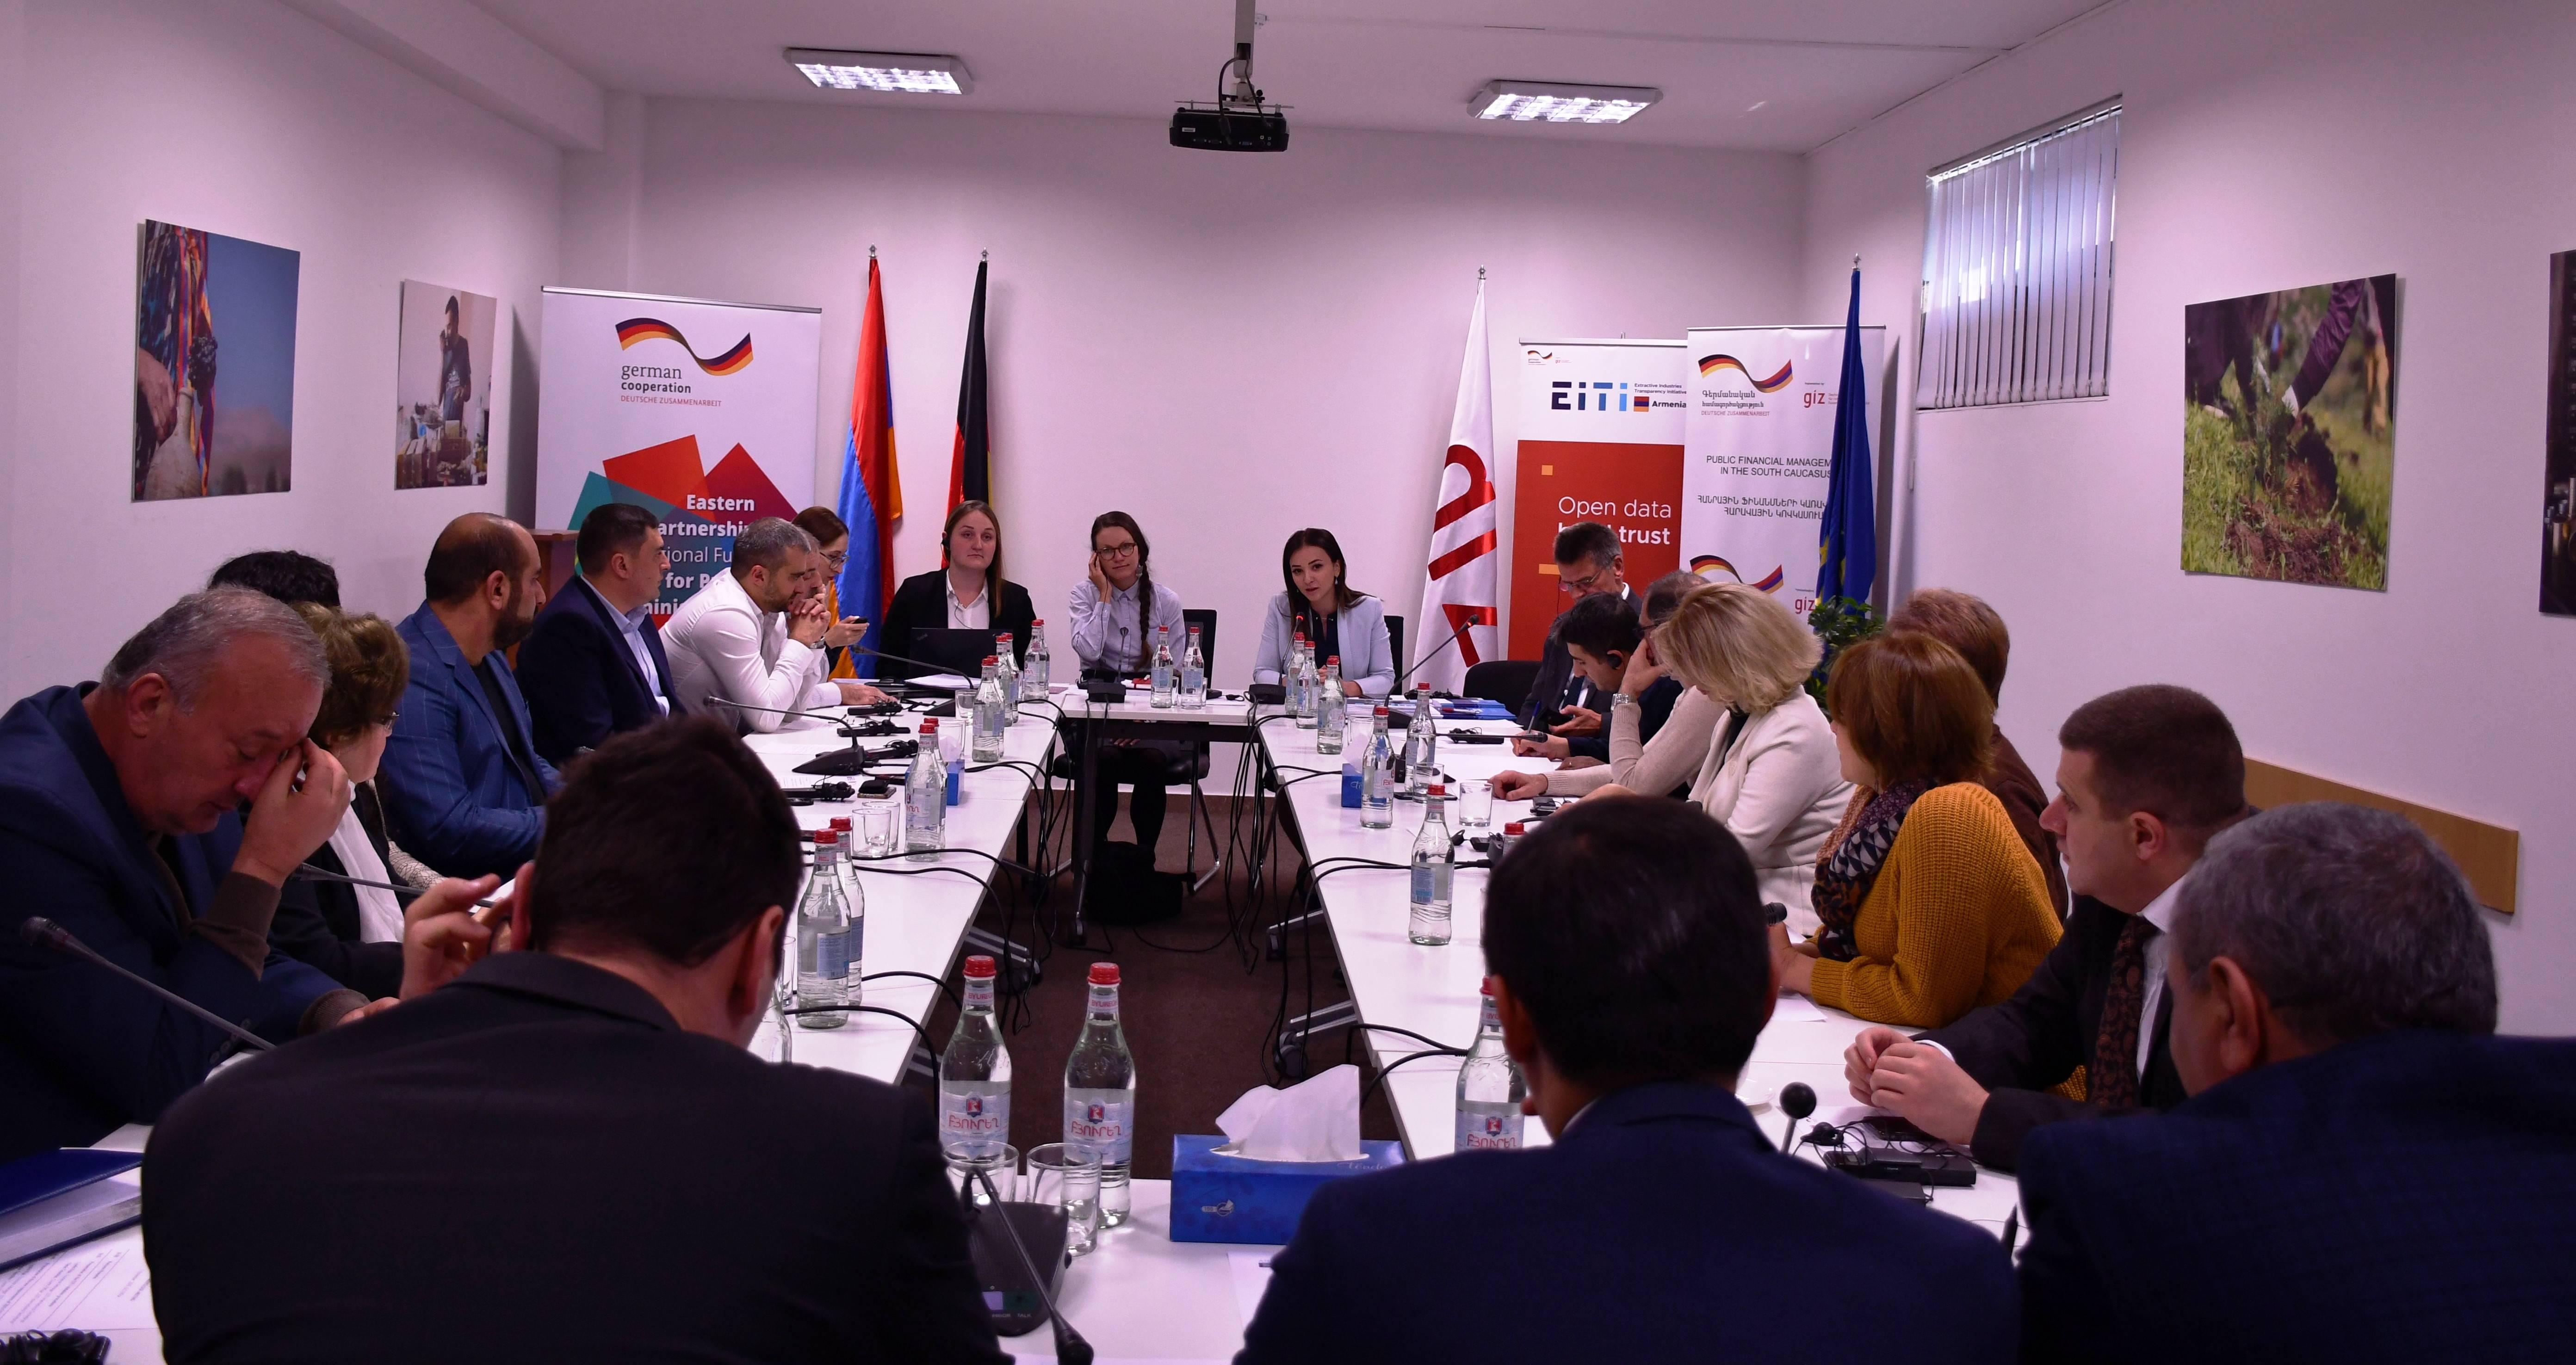 Տեղի ունեցավ ԲՇԽ հերթական նիստը Հայաստանի ԱՃԹՆ-ի առաջին միջազգային վավերացման շուրջ